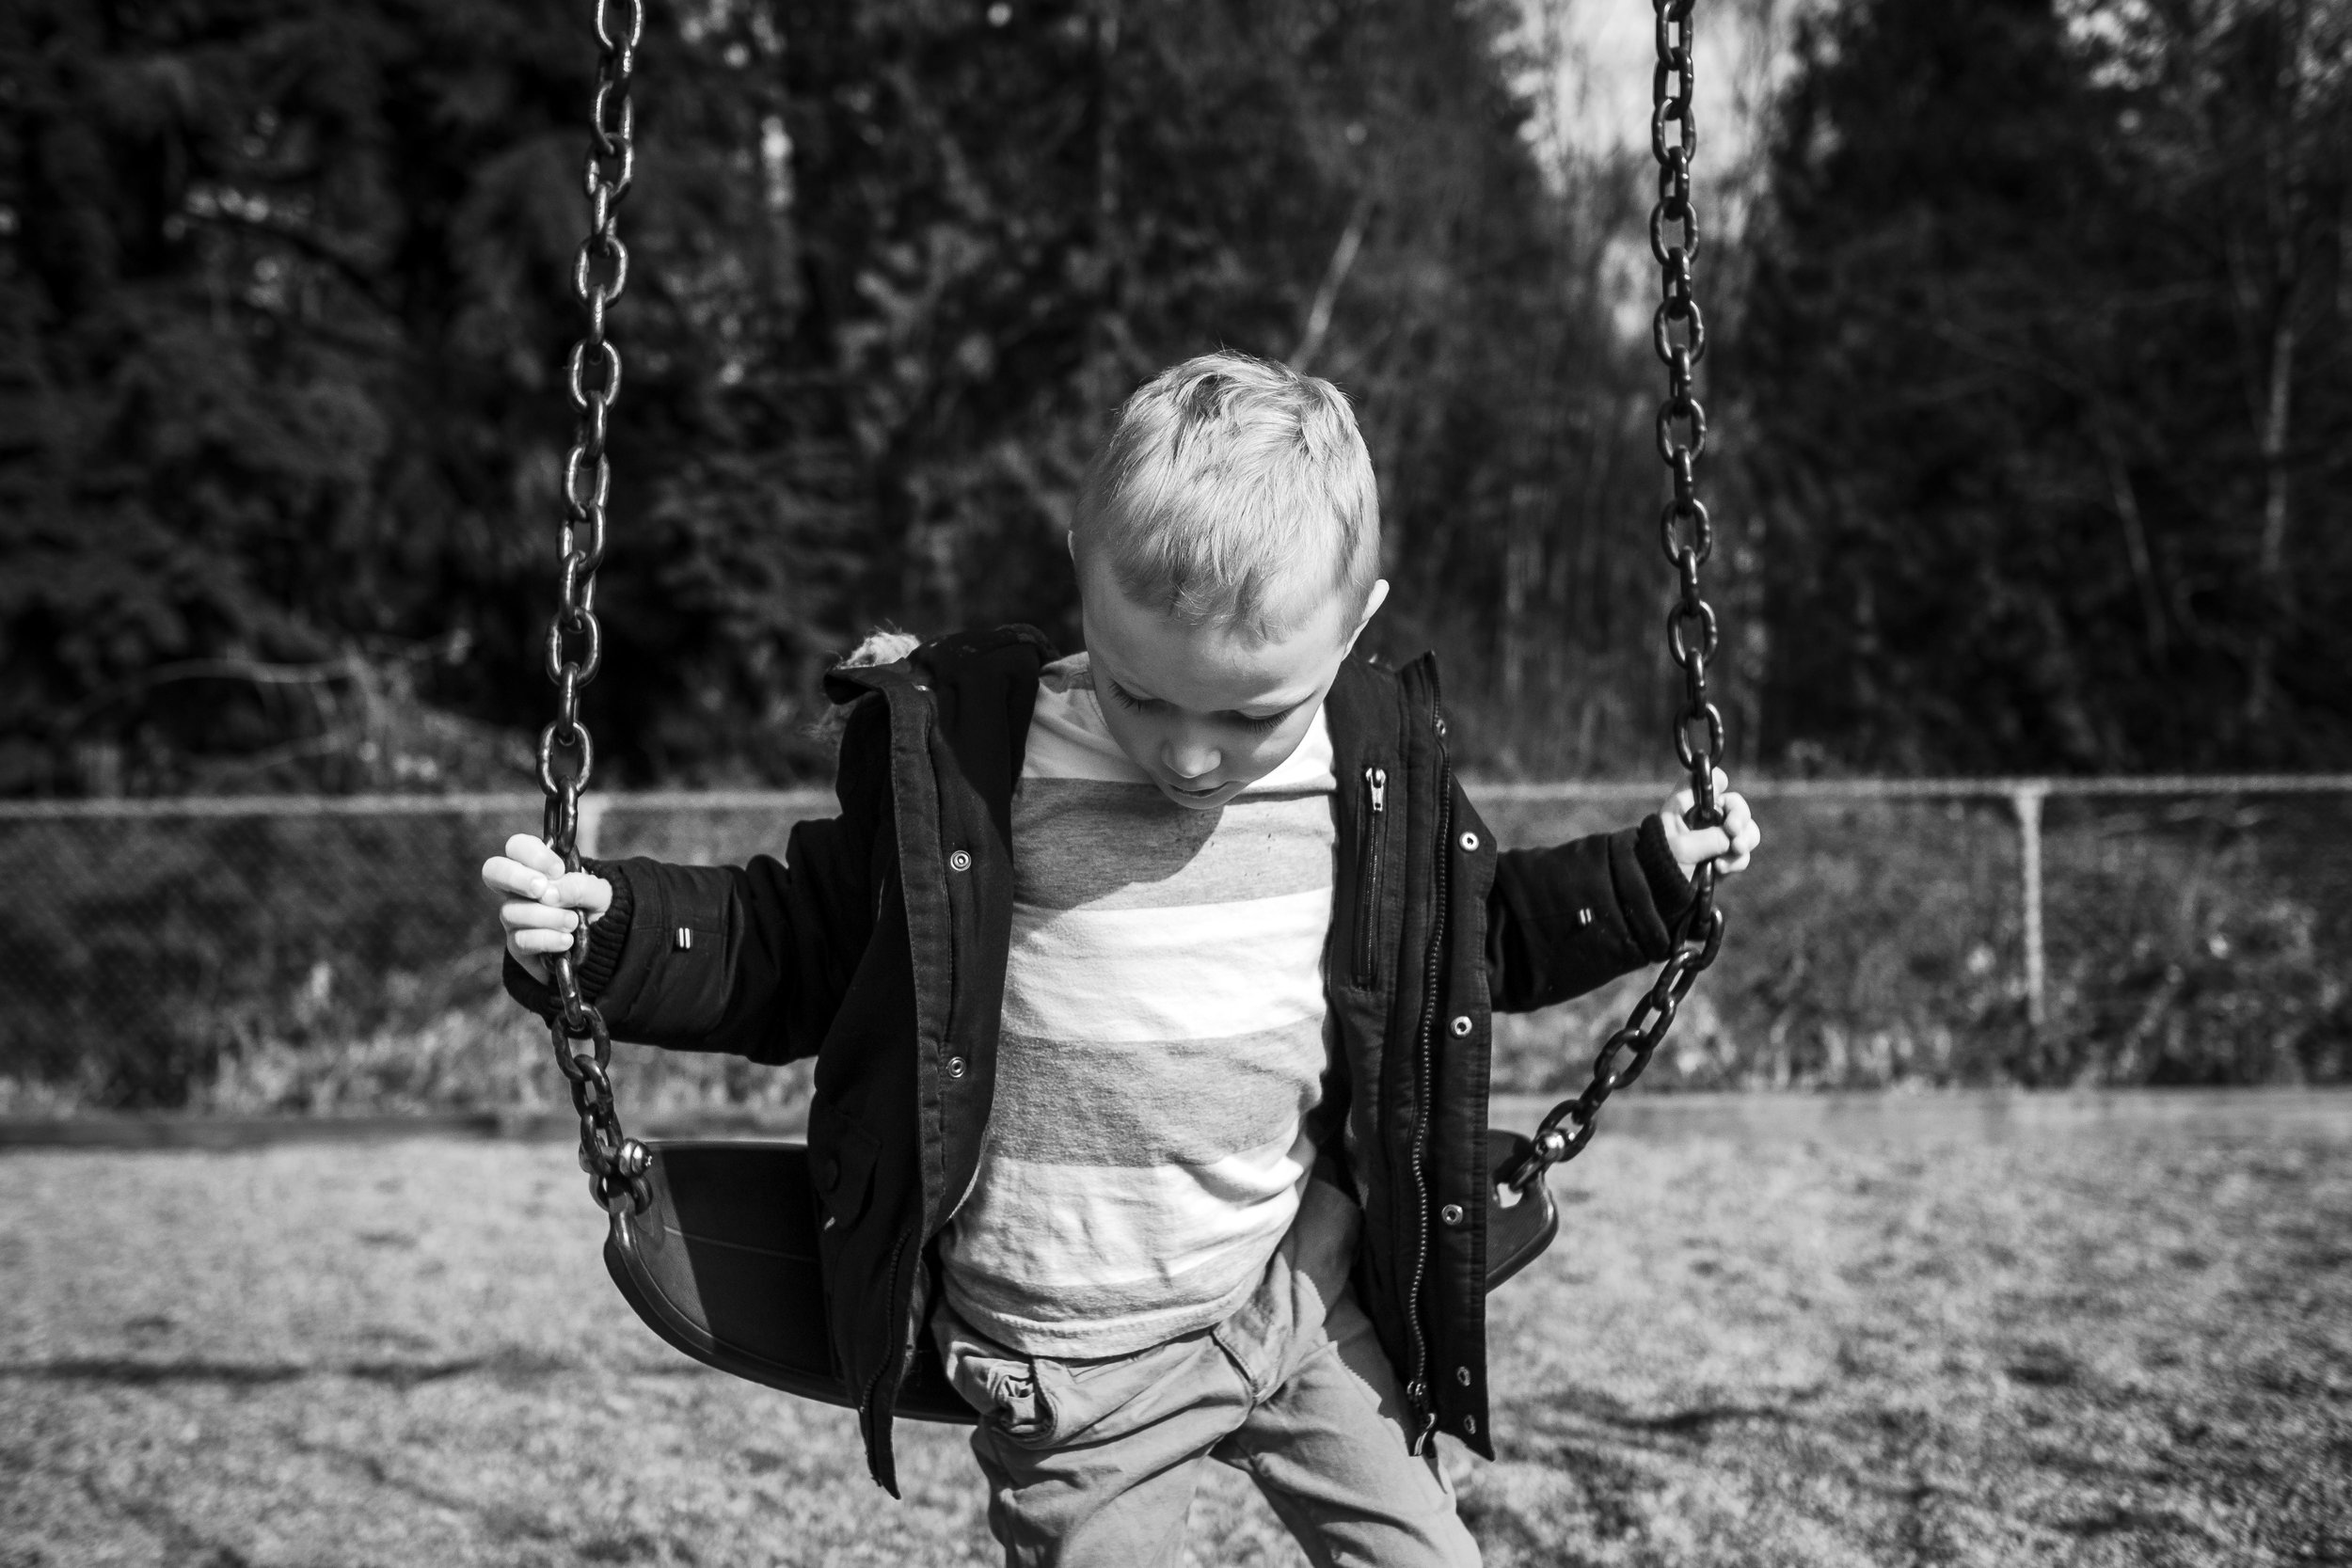 boy-swing-four-kid-grumpy